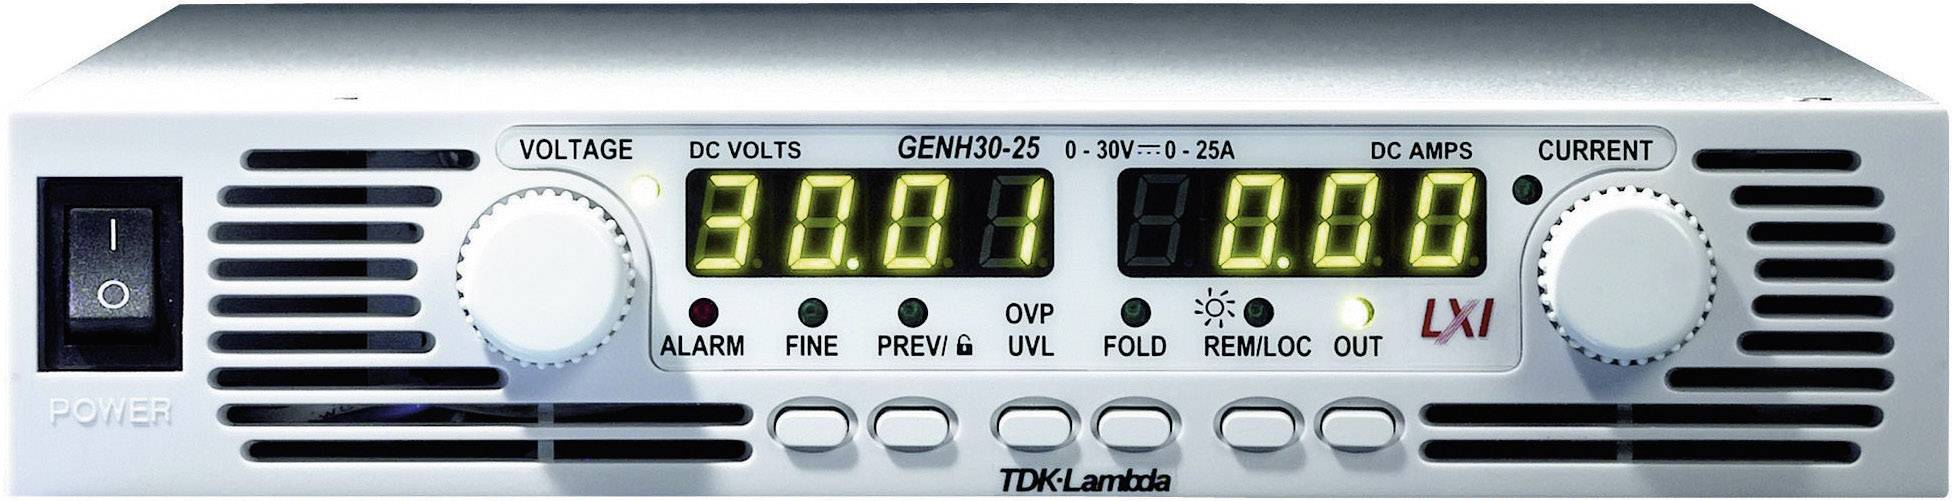 """19"""" laboratórny zdroj s nastaviteľným napätím TDK-Lambda GENH-30-25/LN, 0 - 30 V/DC, 0 - 25 A"""